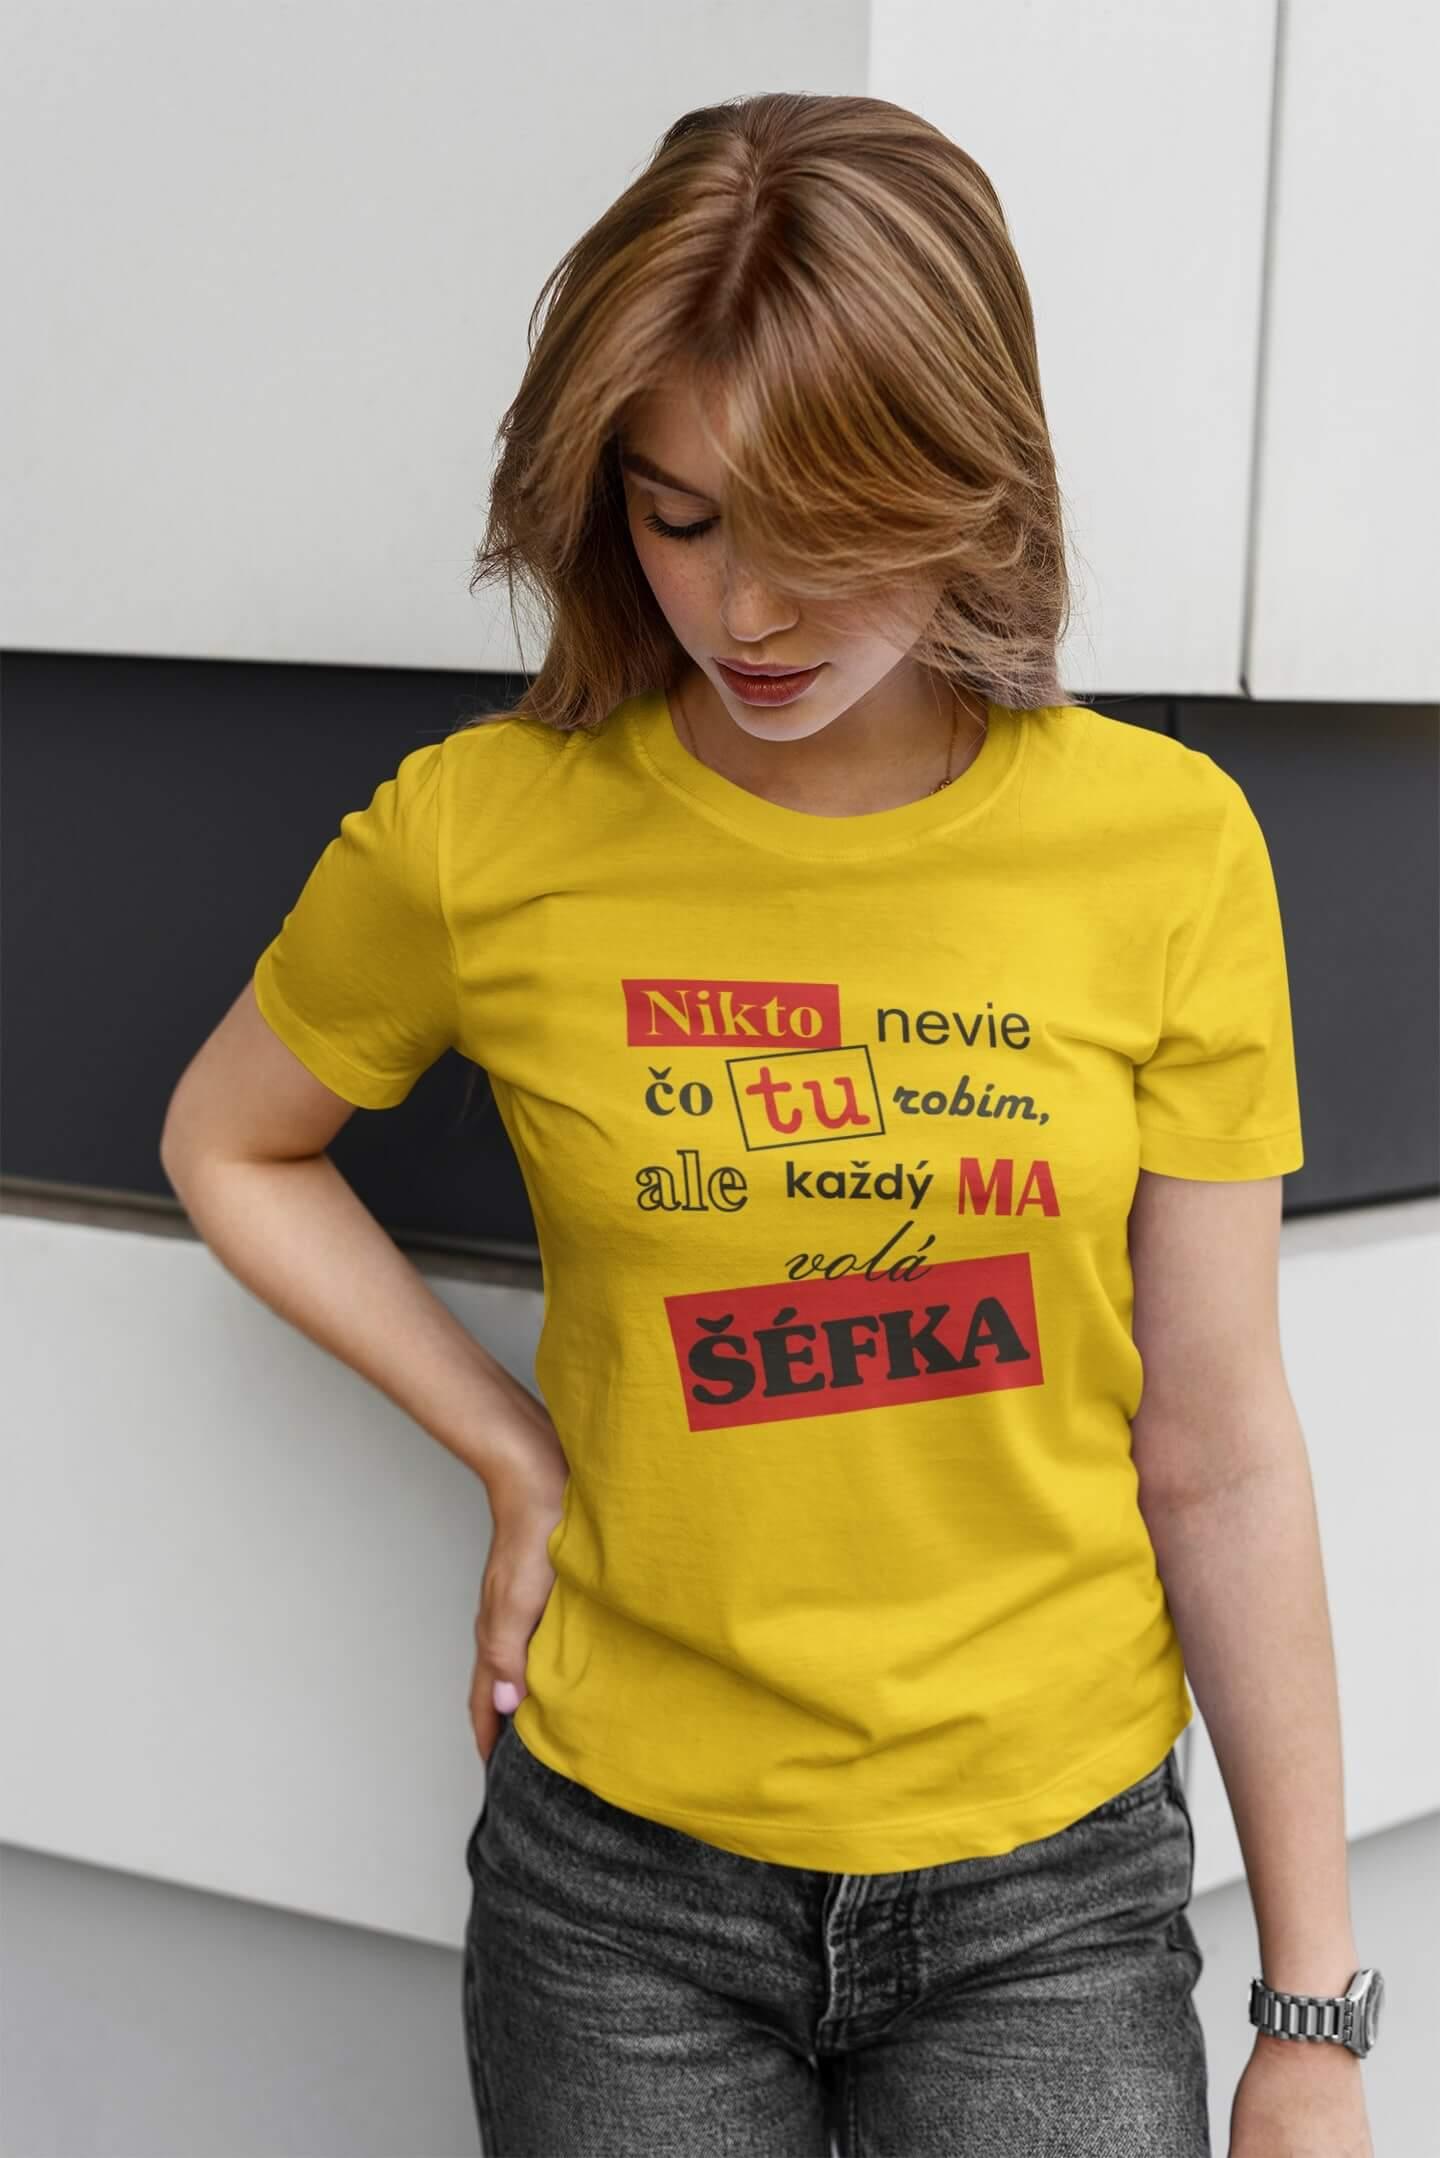 MMO Dámske tričko Šéfka Vyberte farbu: Žltá, Vyberte veľkosť: M